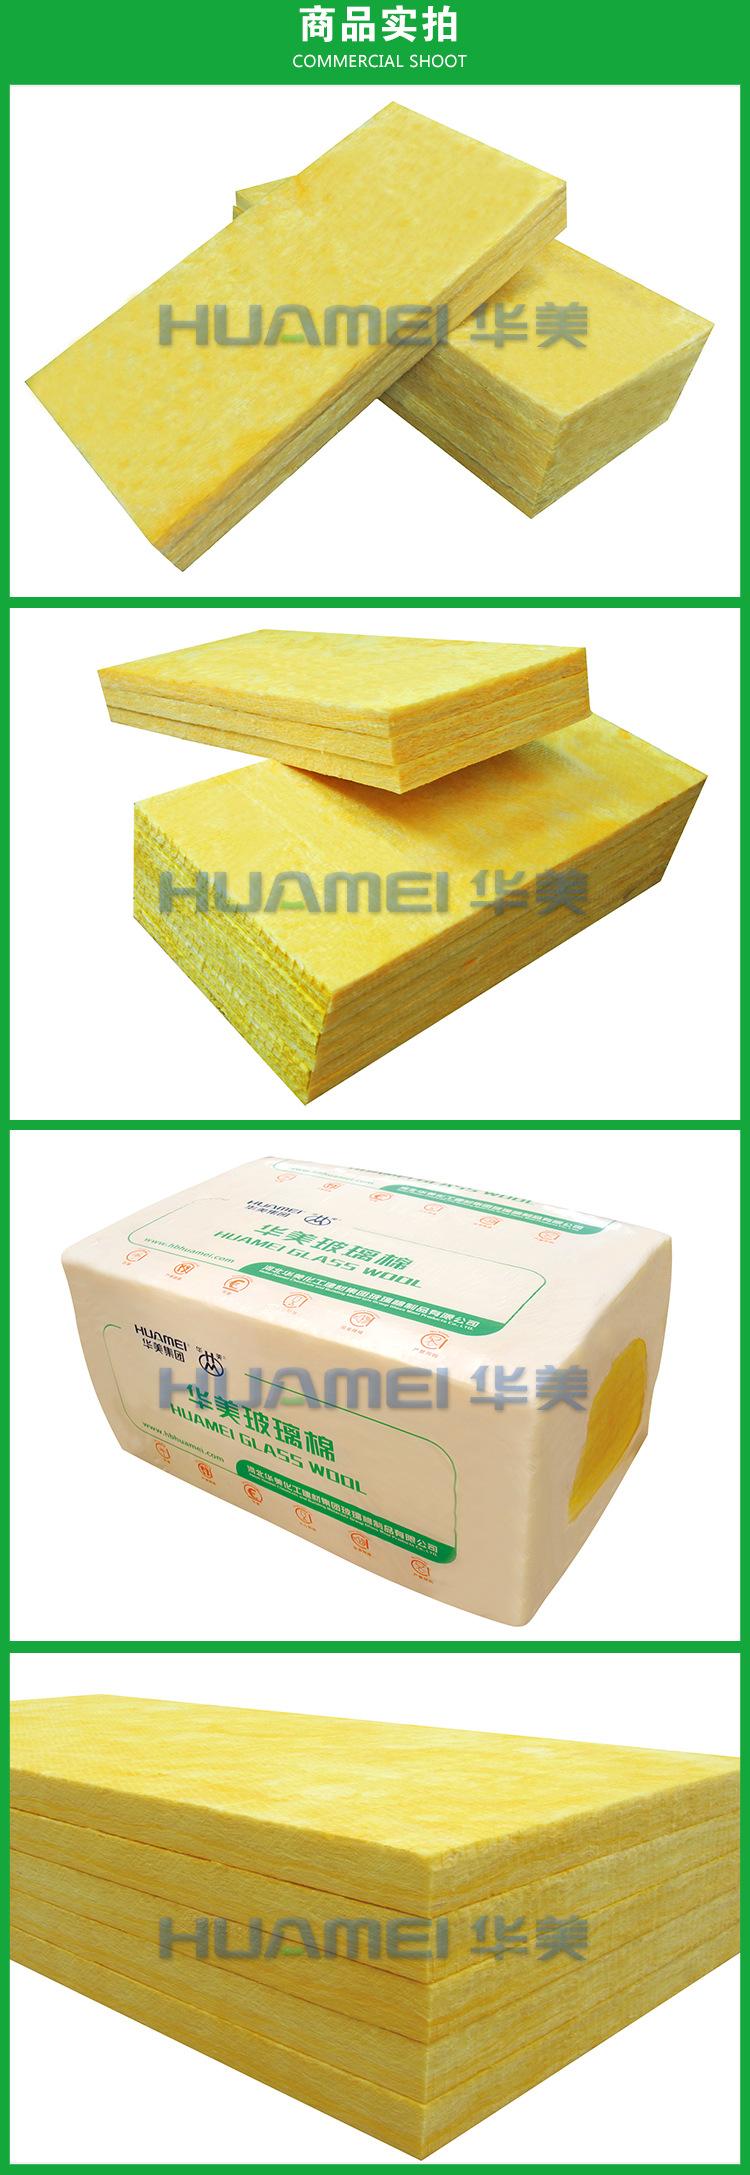 【生产厂家,大量批发】华美玻璃棉优质空调板示例图4